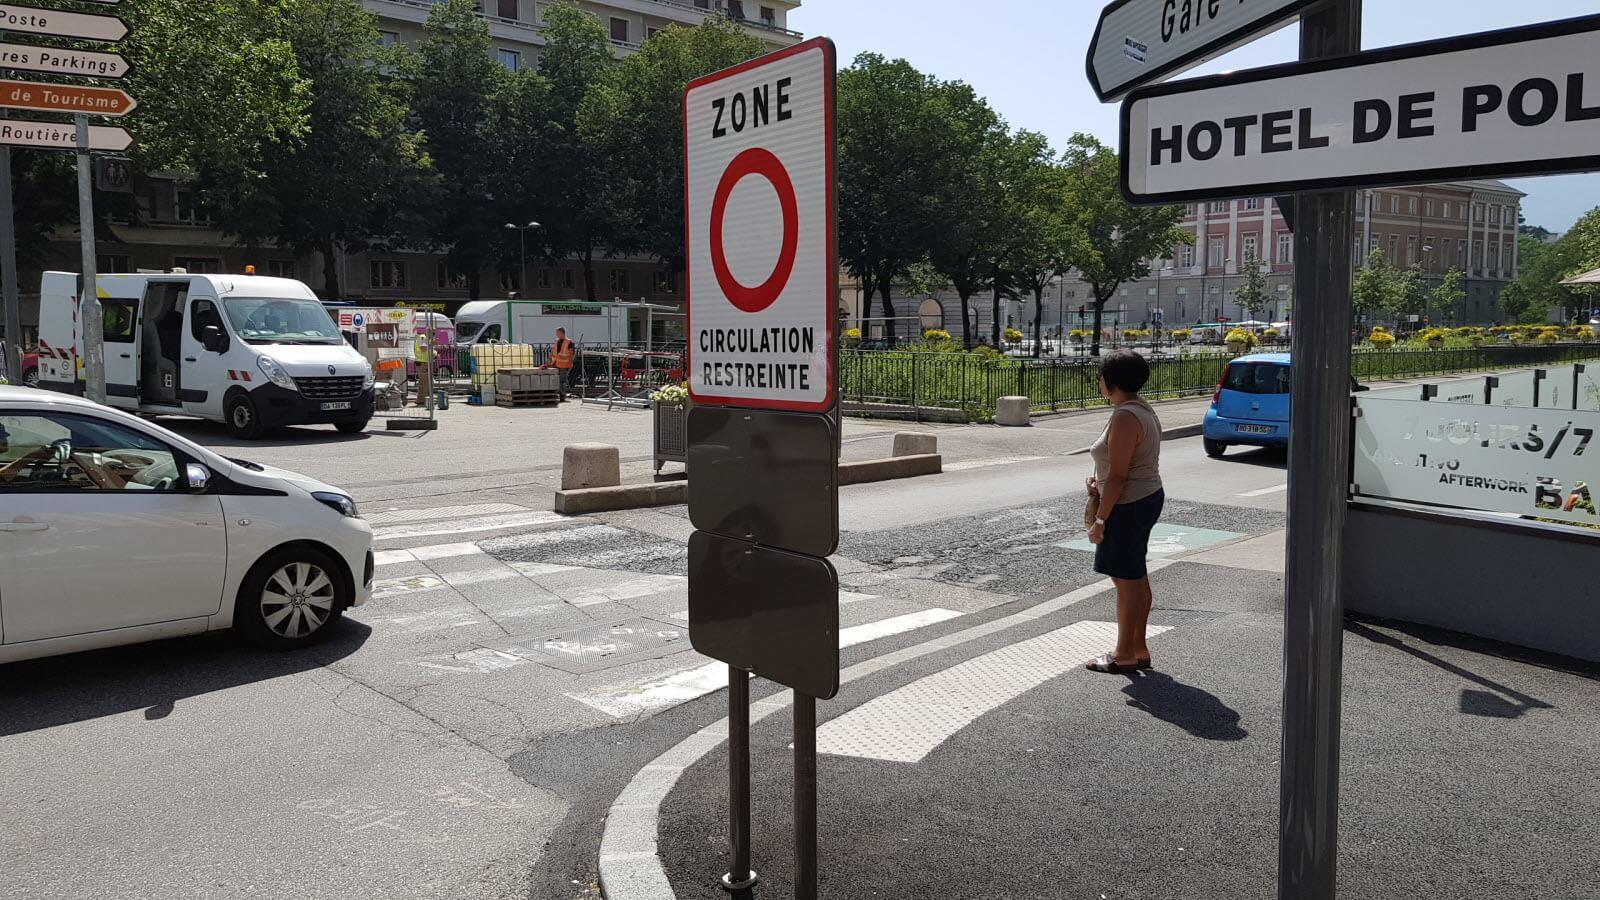 Milieuzones in Frankrijk van toepassing op elektrische auto's?